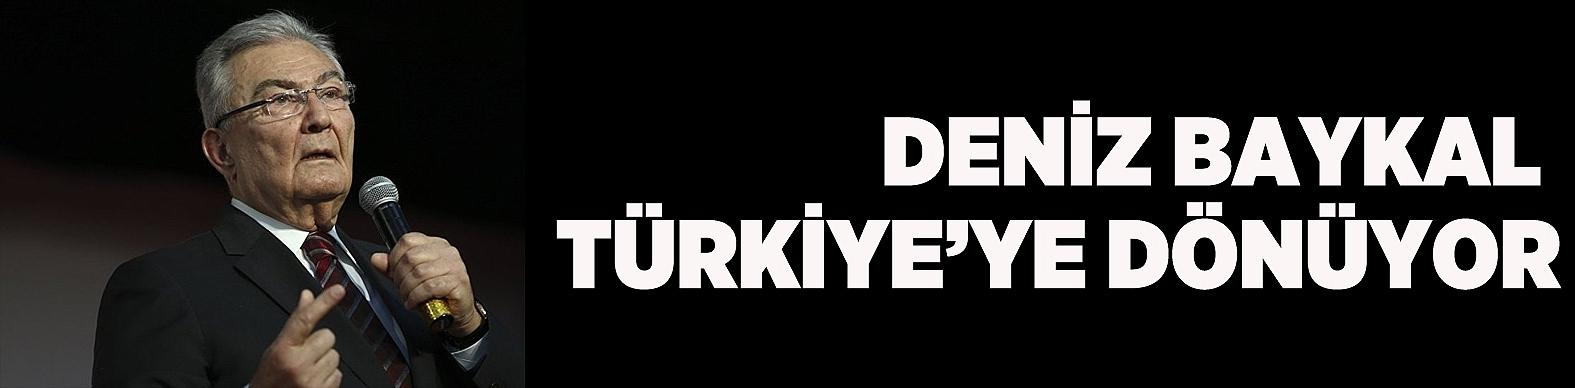 Baykal, Türkye'ye Dönüyor